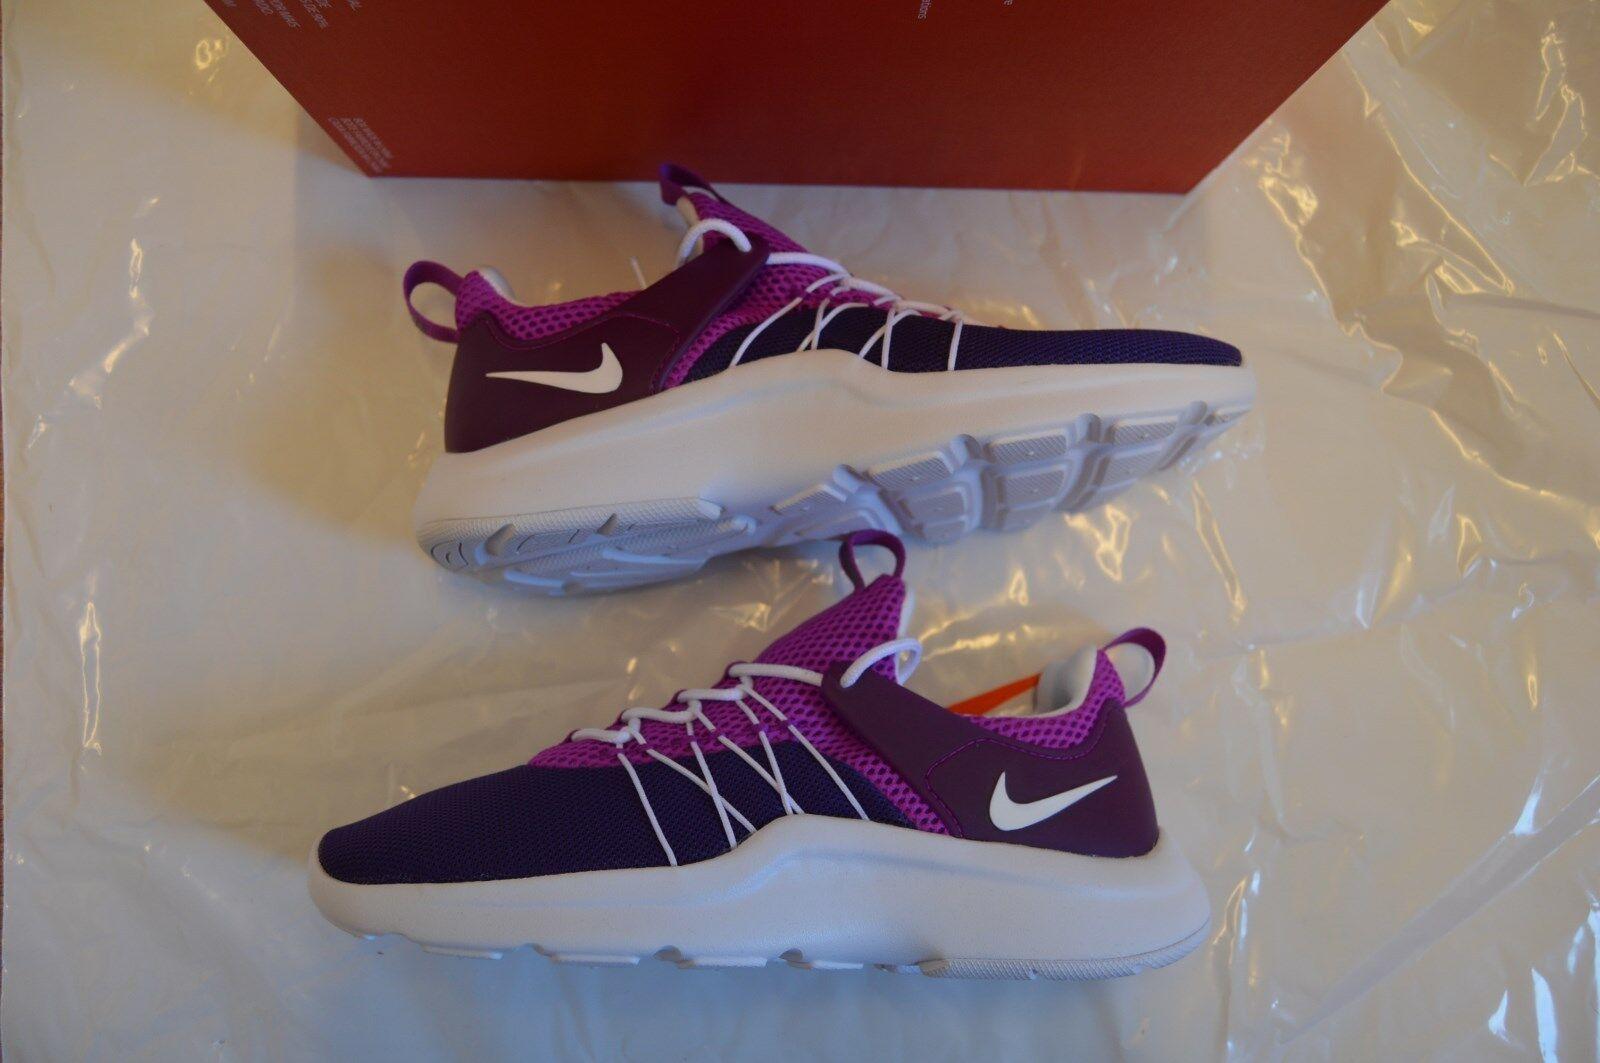 NUOVO Con Con NUOVO Scatola Delle Donne Nike Darwin Viola Bianco Violetto Da   5a41a8